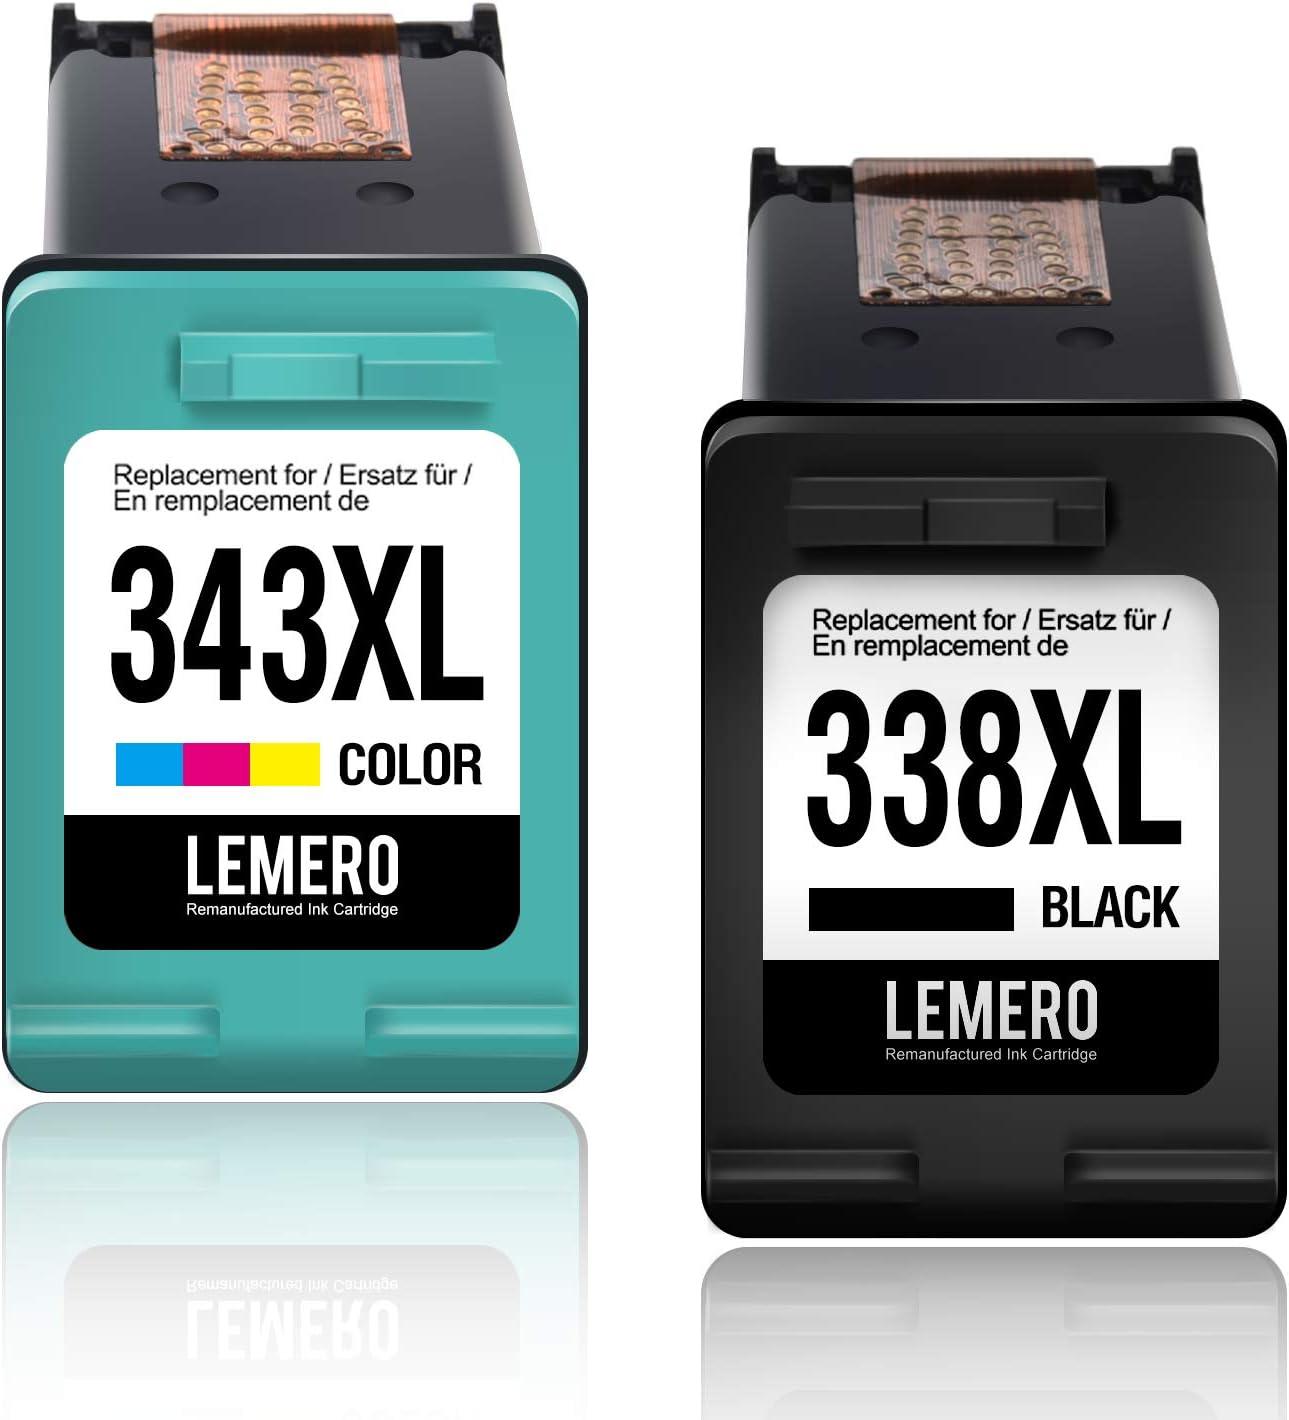 2 LEMERO Remanufacturado Cartuchos de Tinta para HP 338XL 343 XL ...